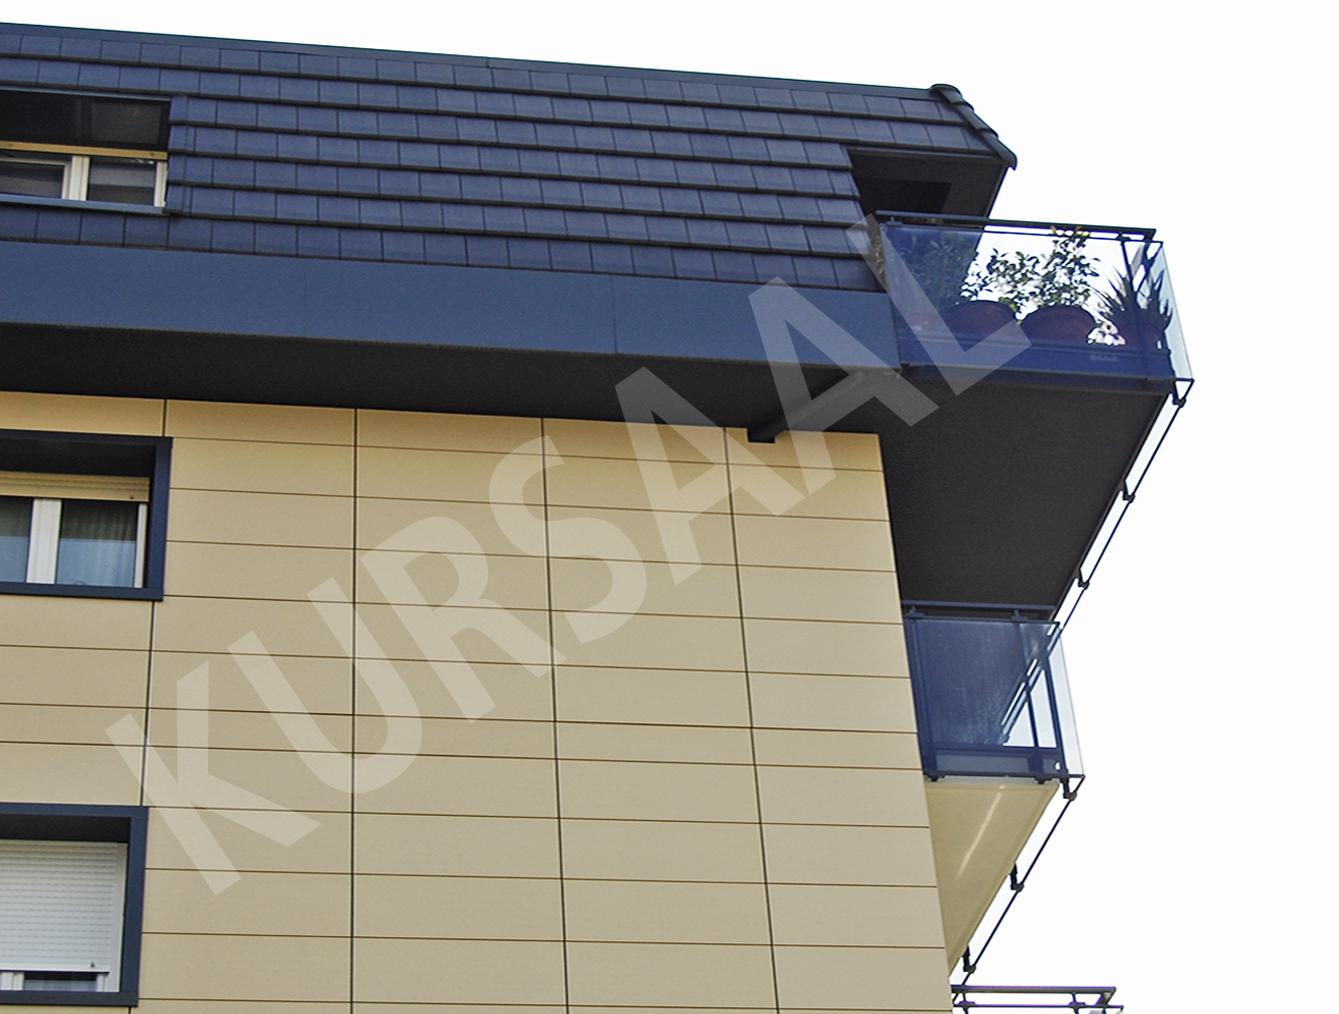 foto 10 - Aislamientos Térmicos y Eficiencia Energética-Zarategi, 29 - 31-DONOSTIA, GIPUZKOA